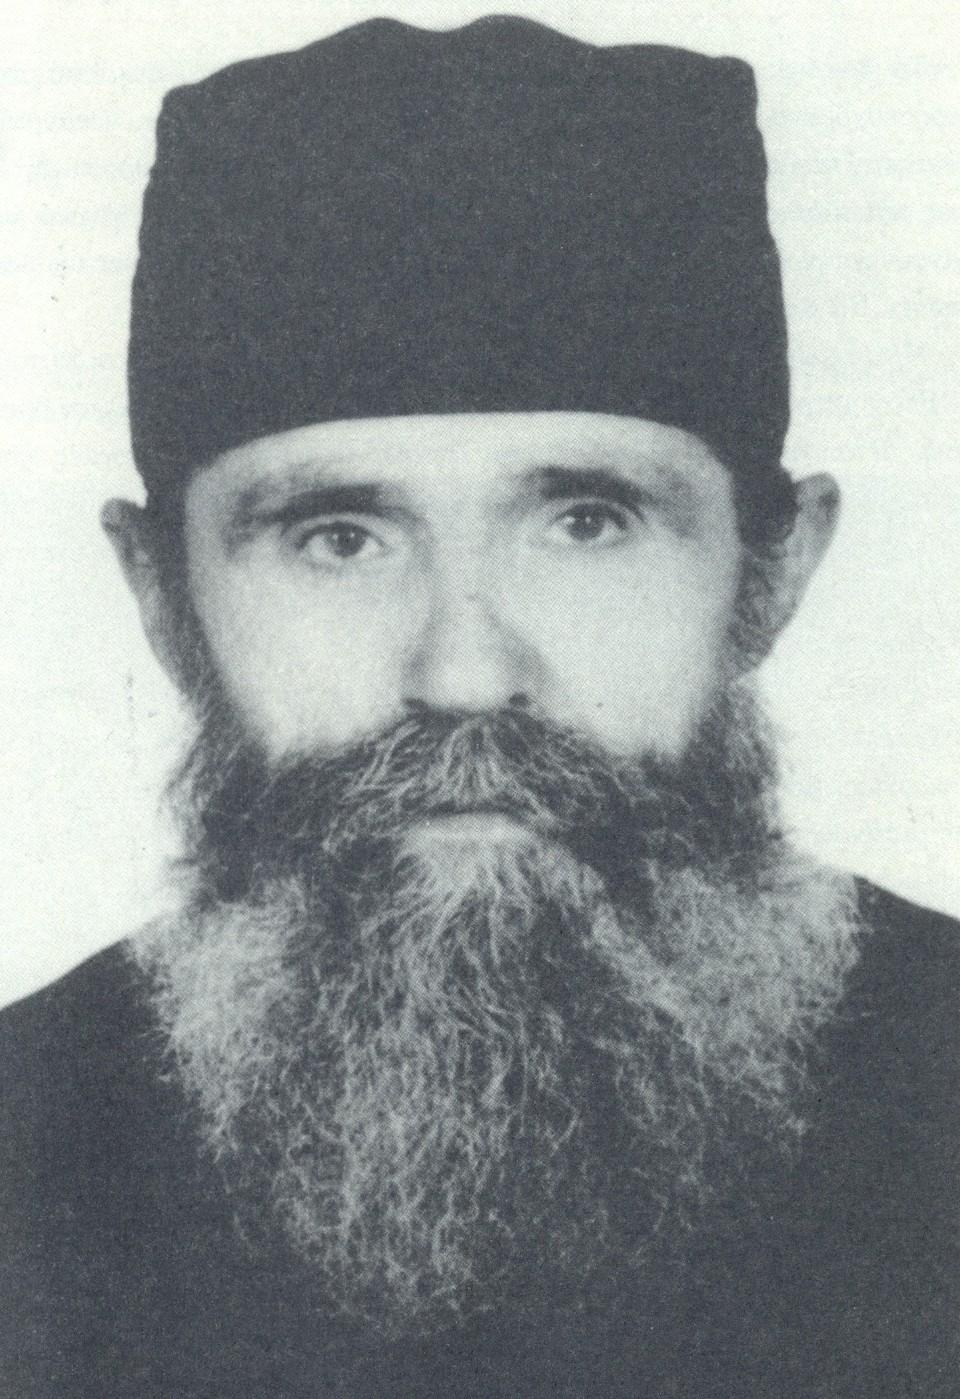 Μοναχός Γεώργιος Βατοπαιδινός, ο καλοκάγαθος παππούς της προσευχής και της αγάπης.